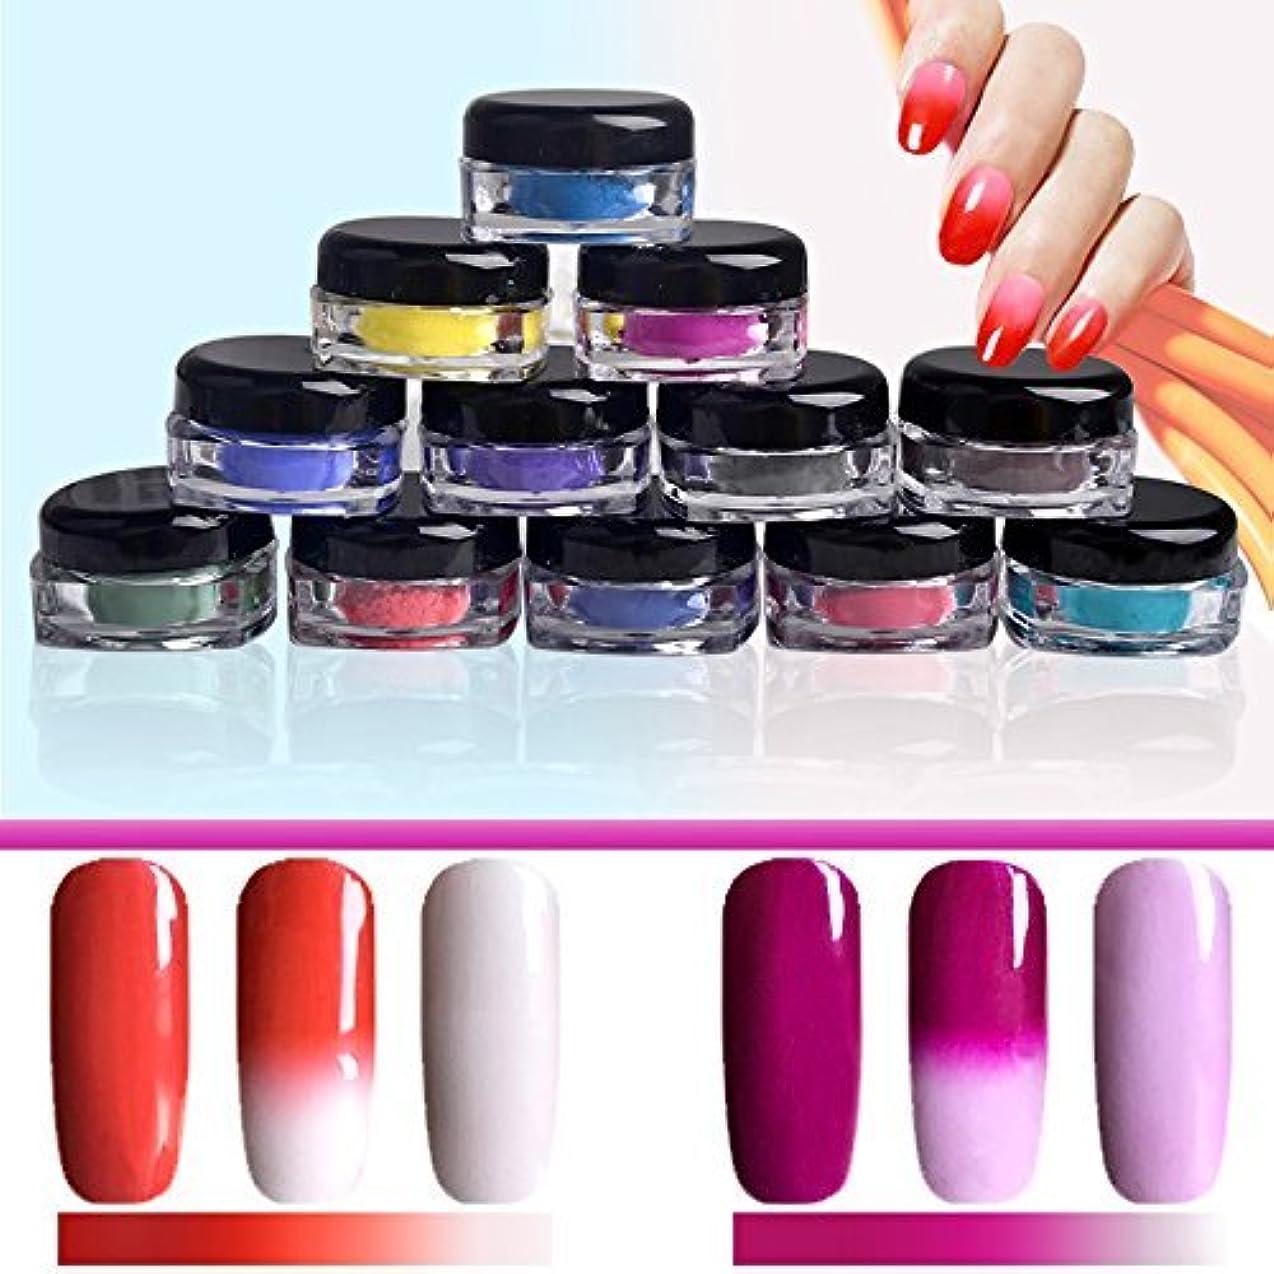 顔料ために国籍12ボックス 温度によって色が変わるパウダー 変色 ネイルグリッター グラスネイルデコ ジェルネイル ネイルパウダー 2g [並行輸入品]